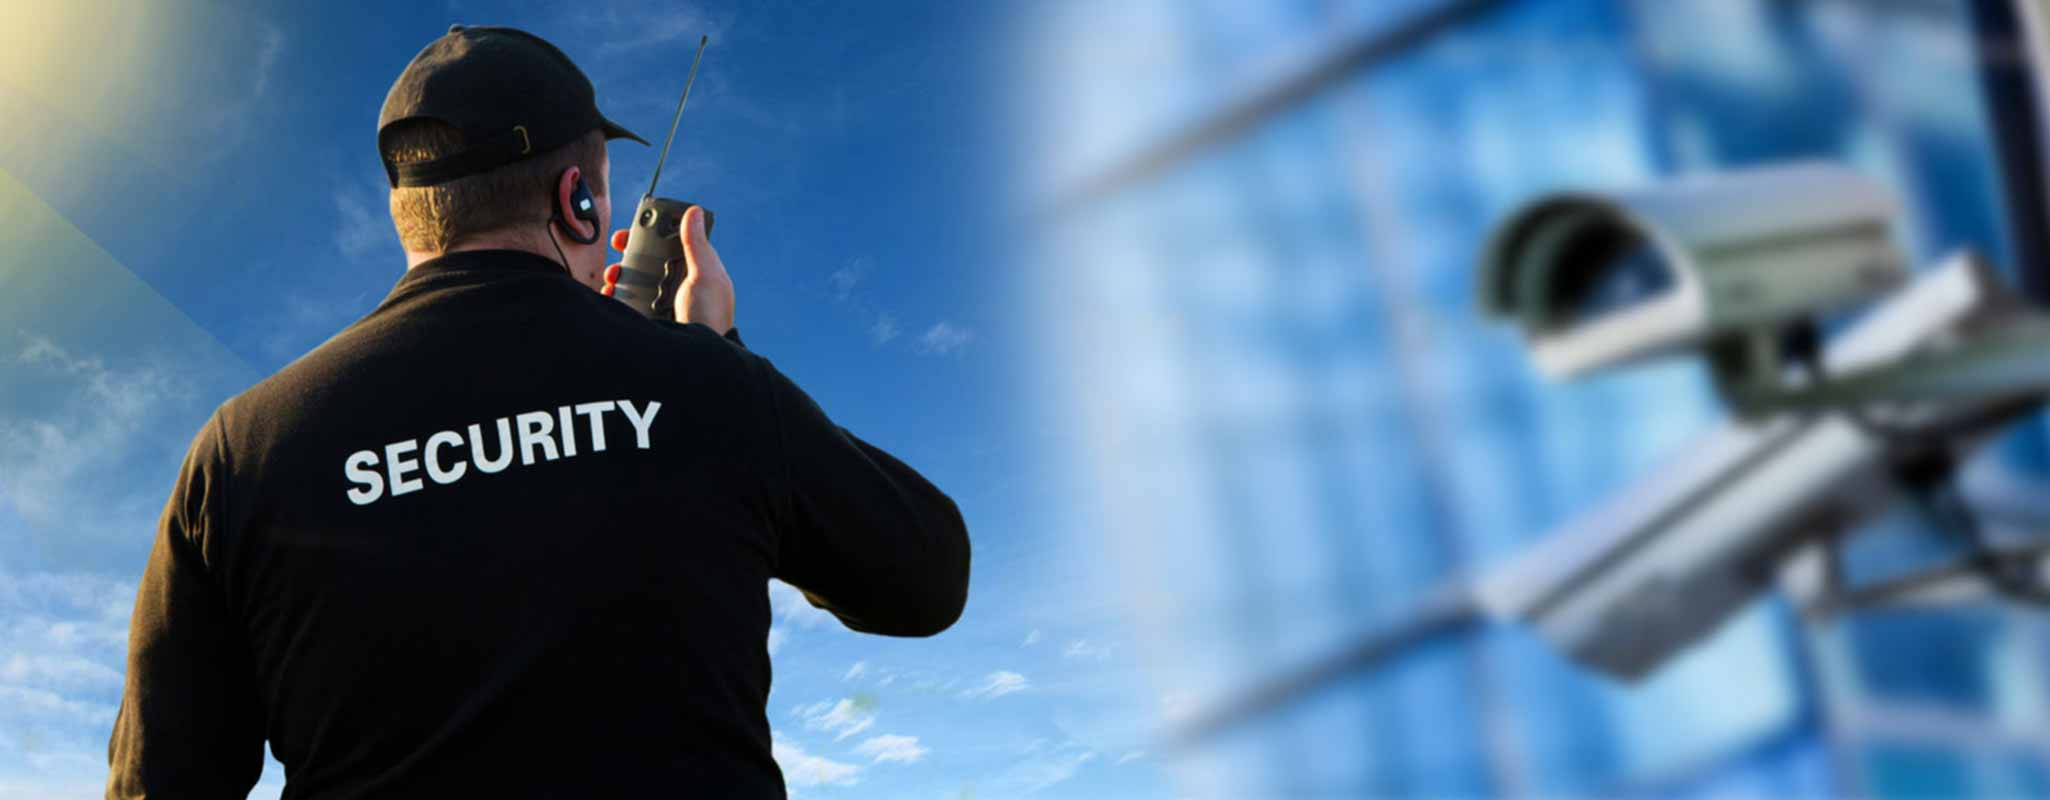 Σεμινάρια Προσωπικού Ασφάλειας για ανανέωση - με δυνατότητα μαθημάτων e-learning σε ολη την Ελλάδα